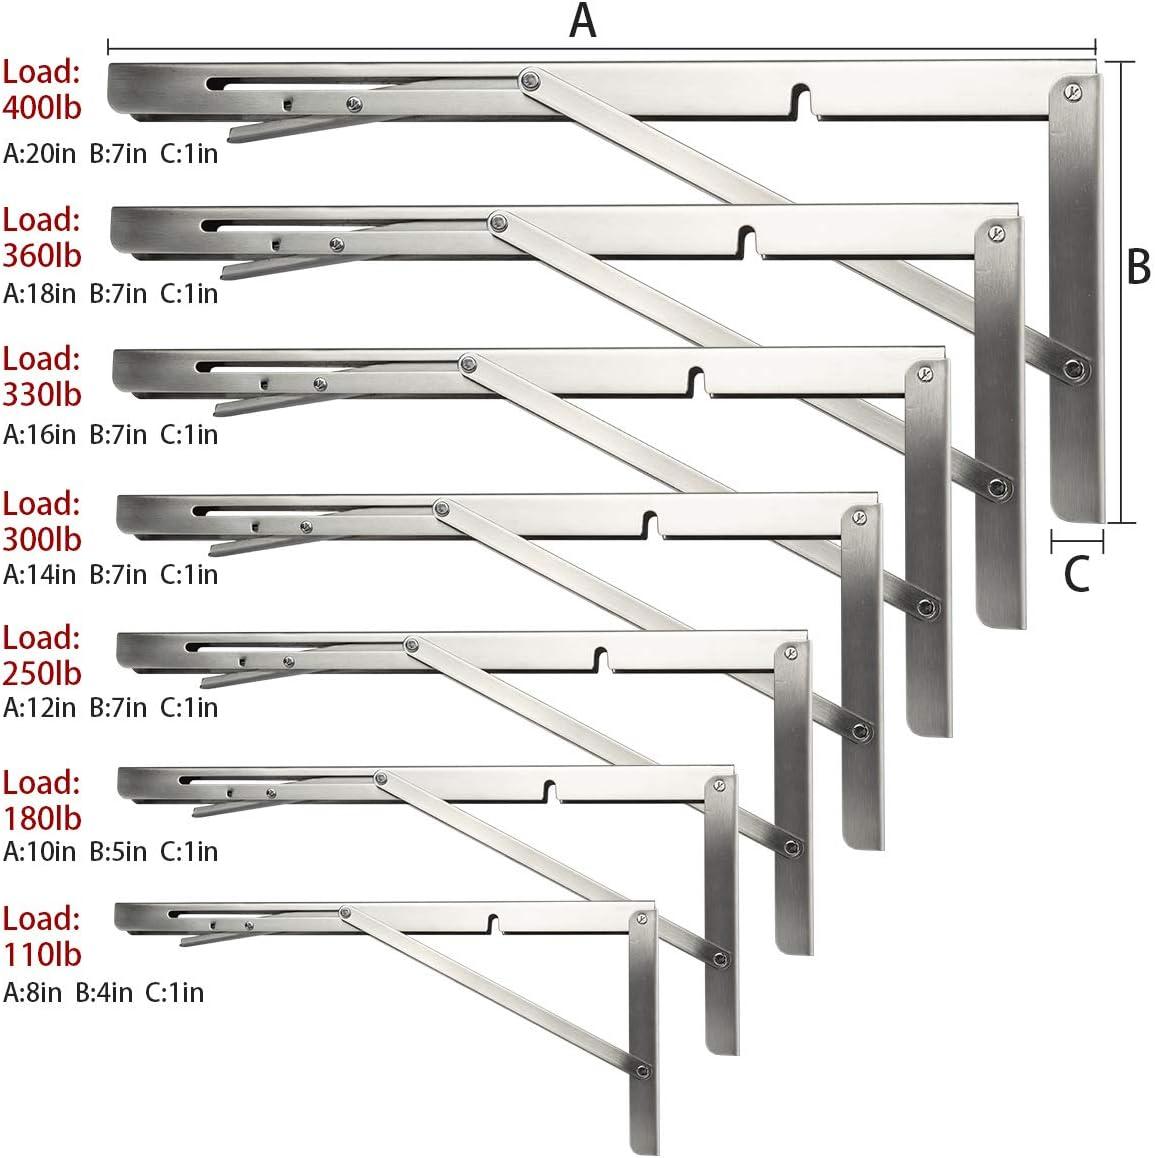 DMSL12 Inch /Équerre pliante,Support d /Étag/ères Pliants en Acier Inoxydable console pliante,/étag/ère pliable peu encombrante capacit/é de charge maximale 113 kg, 2-PACK